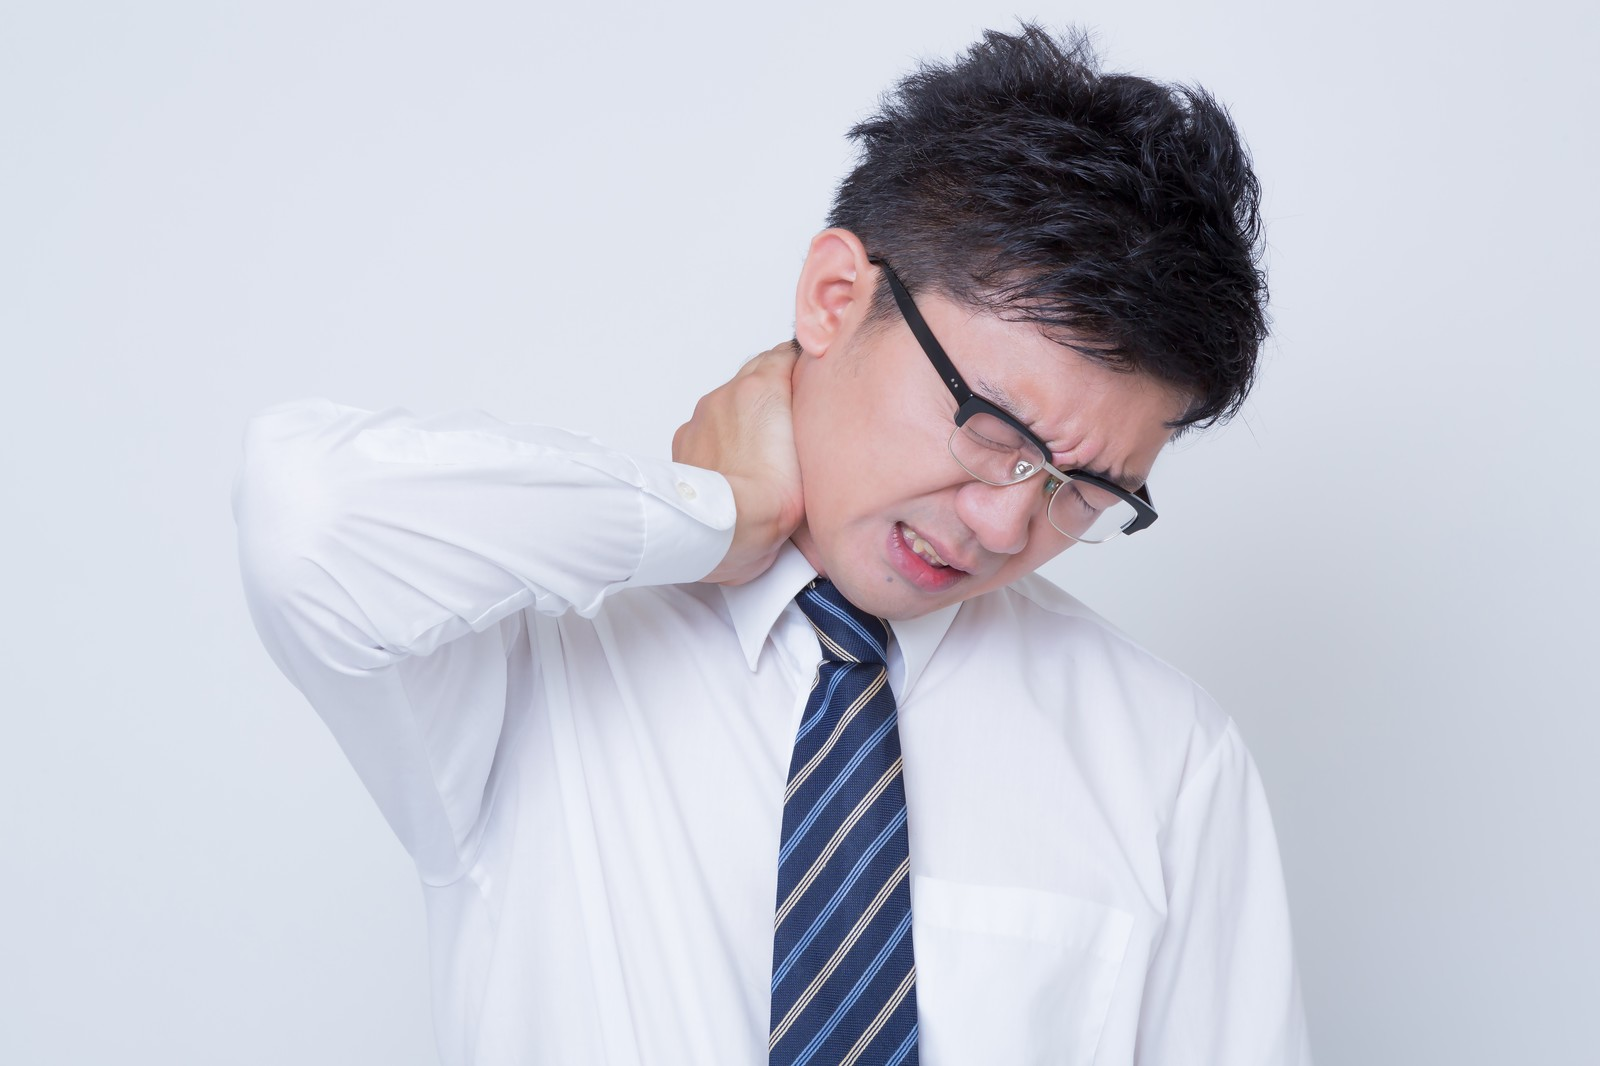 首を寝違えたビジネスマン|ぱくたそフリー素材